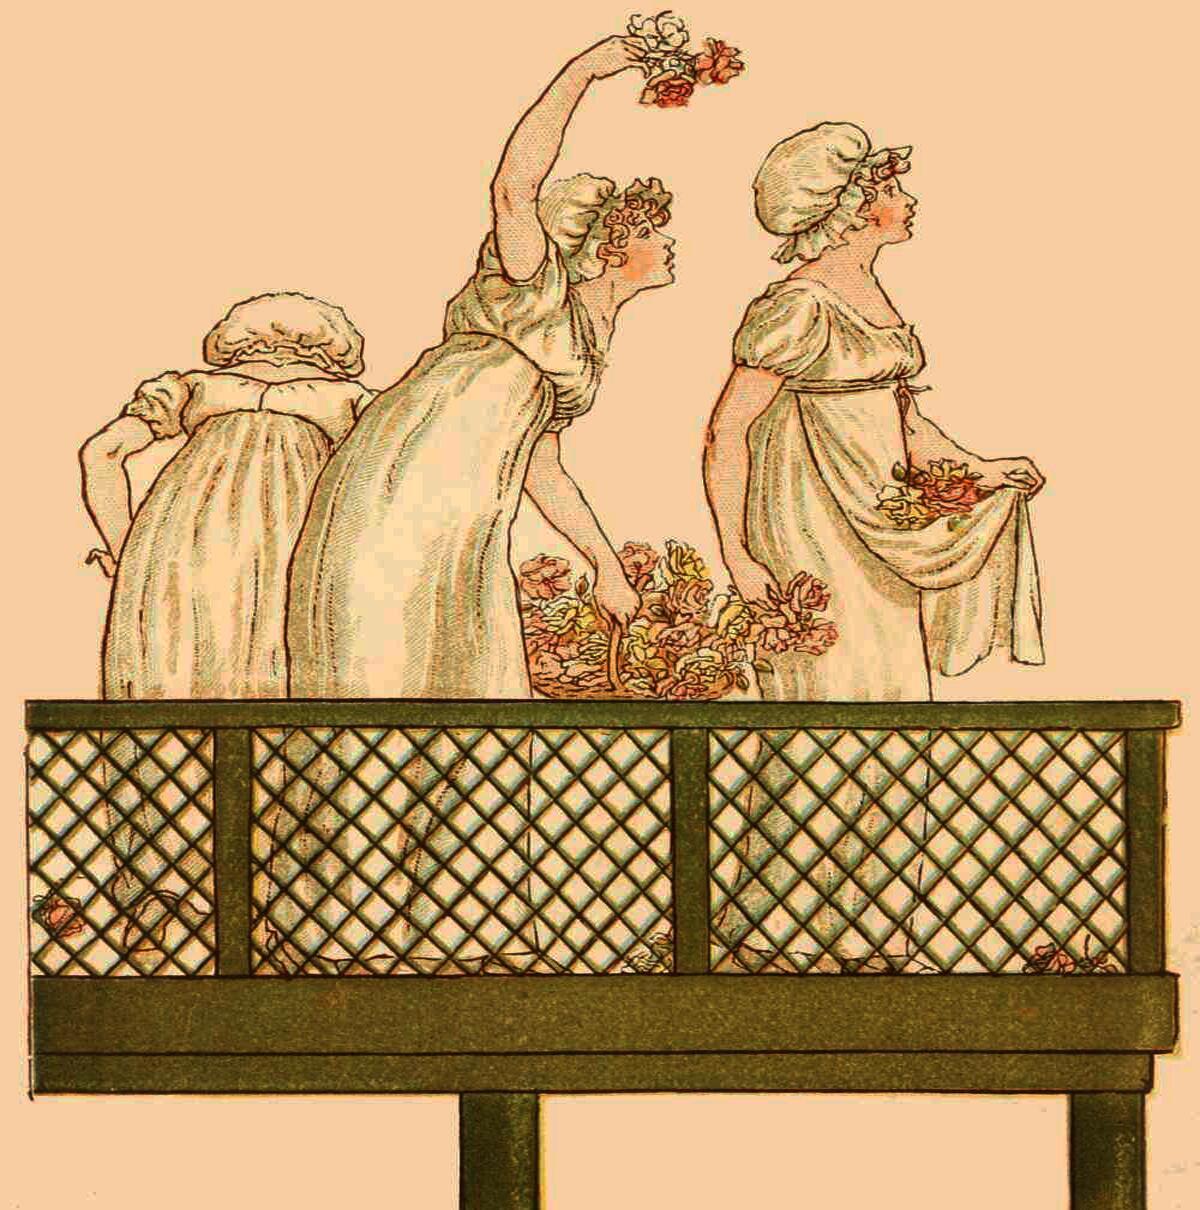 Иллюстрация из книги «Язык цветов», худ. Кейт Гринуэй